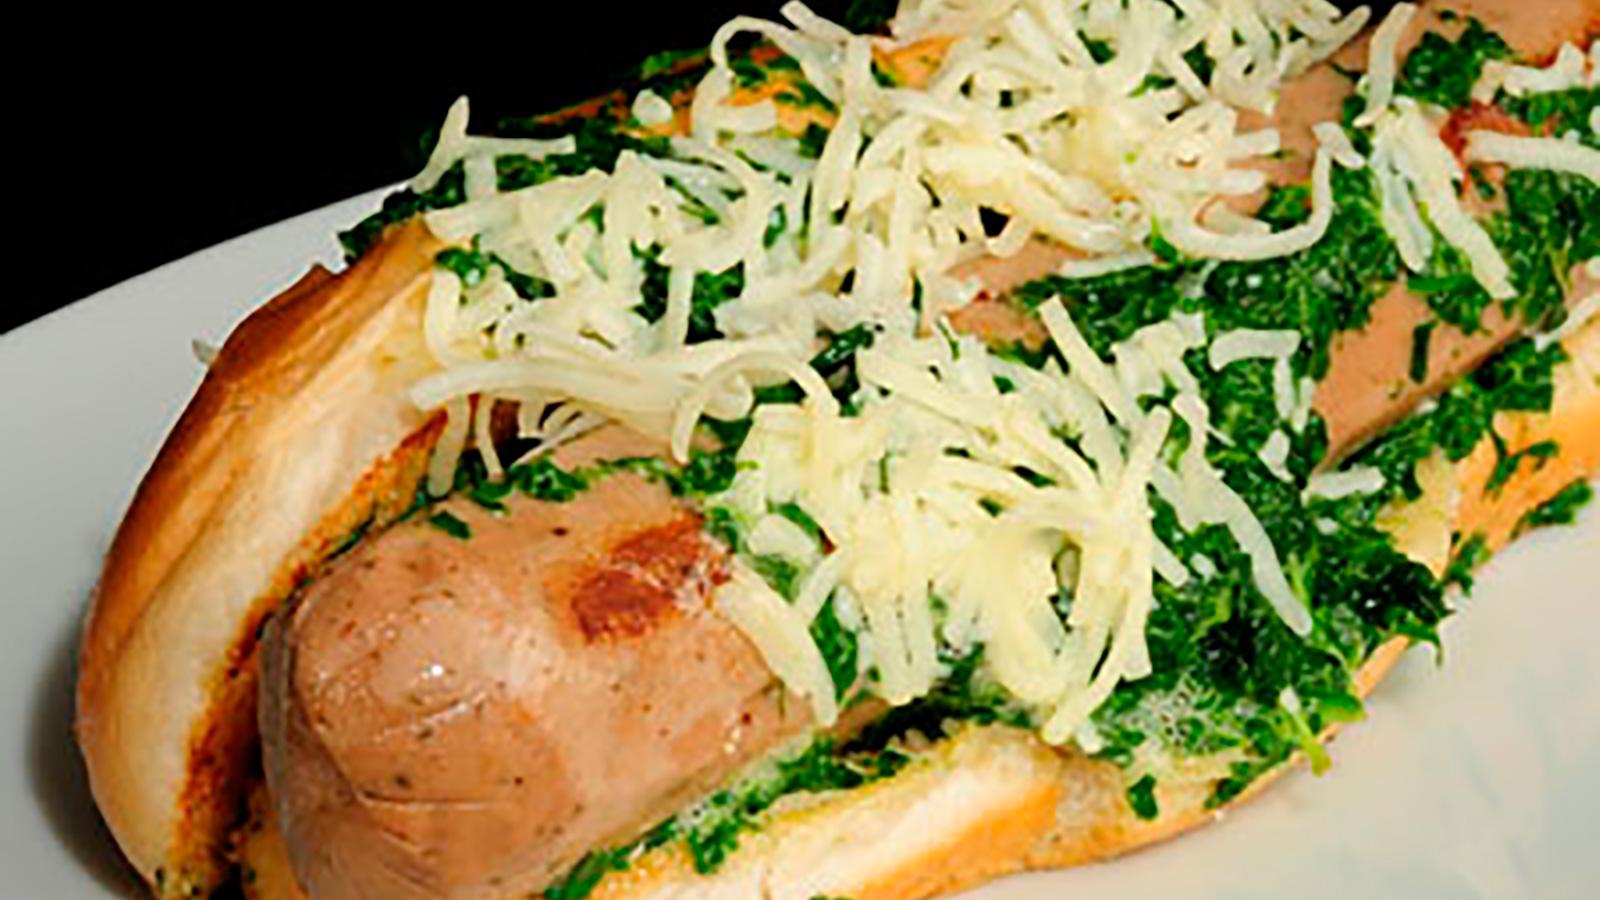 Perrito de espinacas y salchichas alemanas diana cabrera receta canal cocina - Diana cabrera canal cocina ...